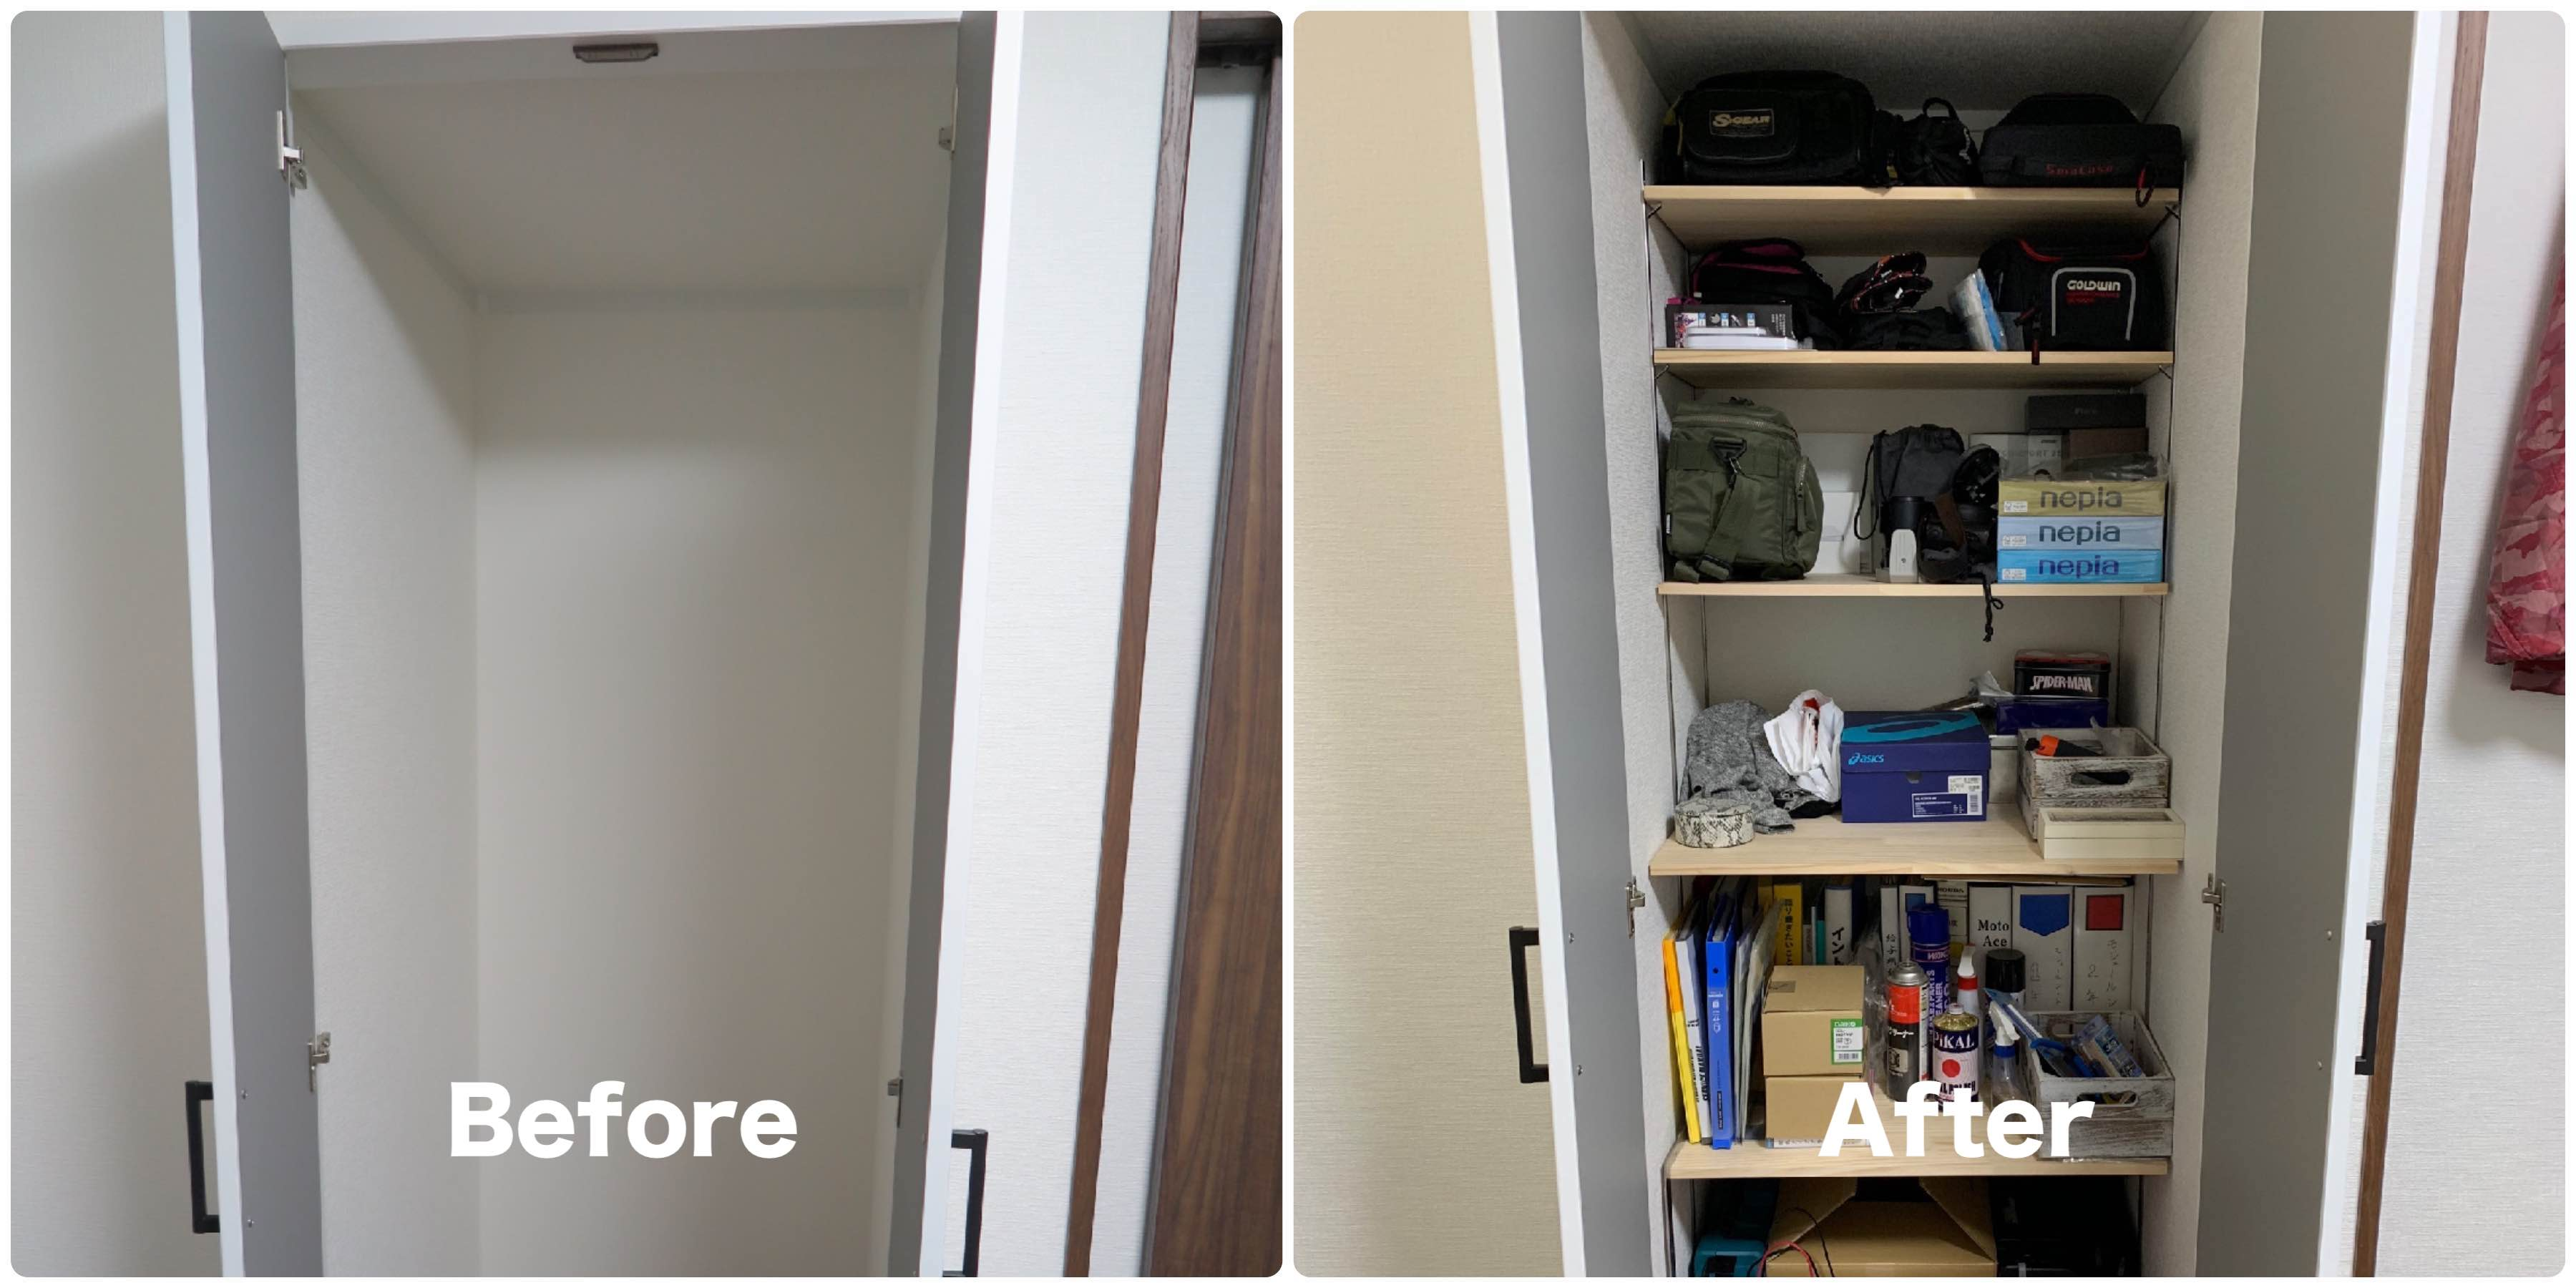 ダボレール(棚柱)を使って壁に棚を作る|おすすめアイテムは簡単で安いカインズ!